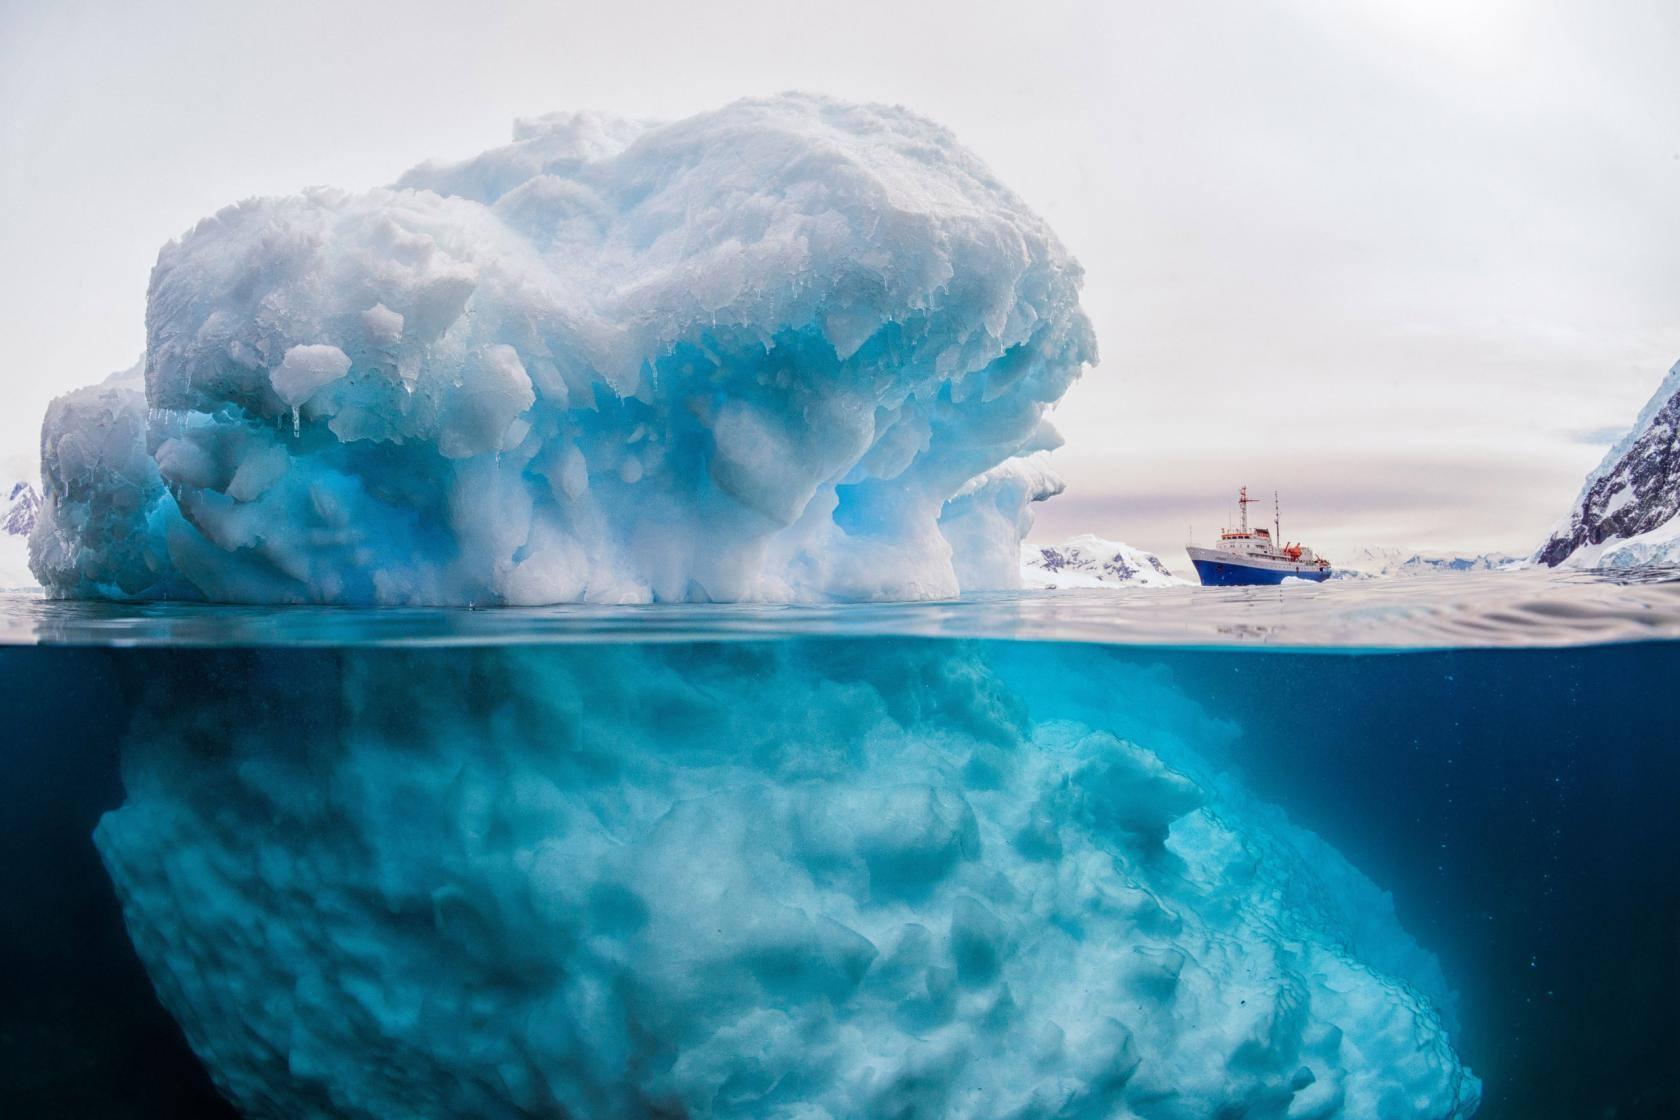 Foto de Rick Du Boisson publicada por Agenda Antártica